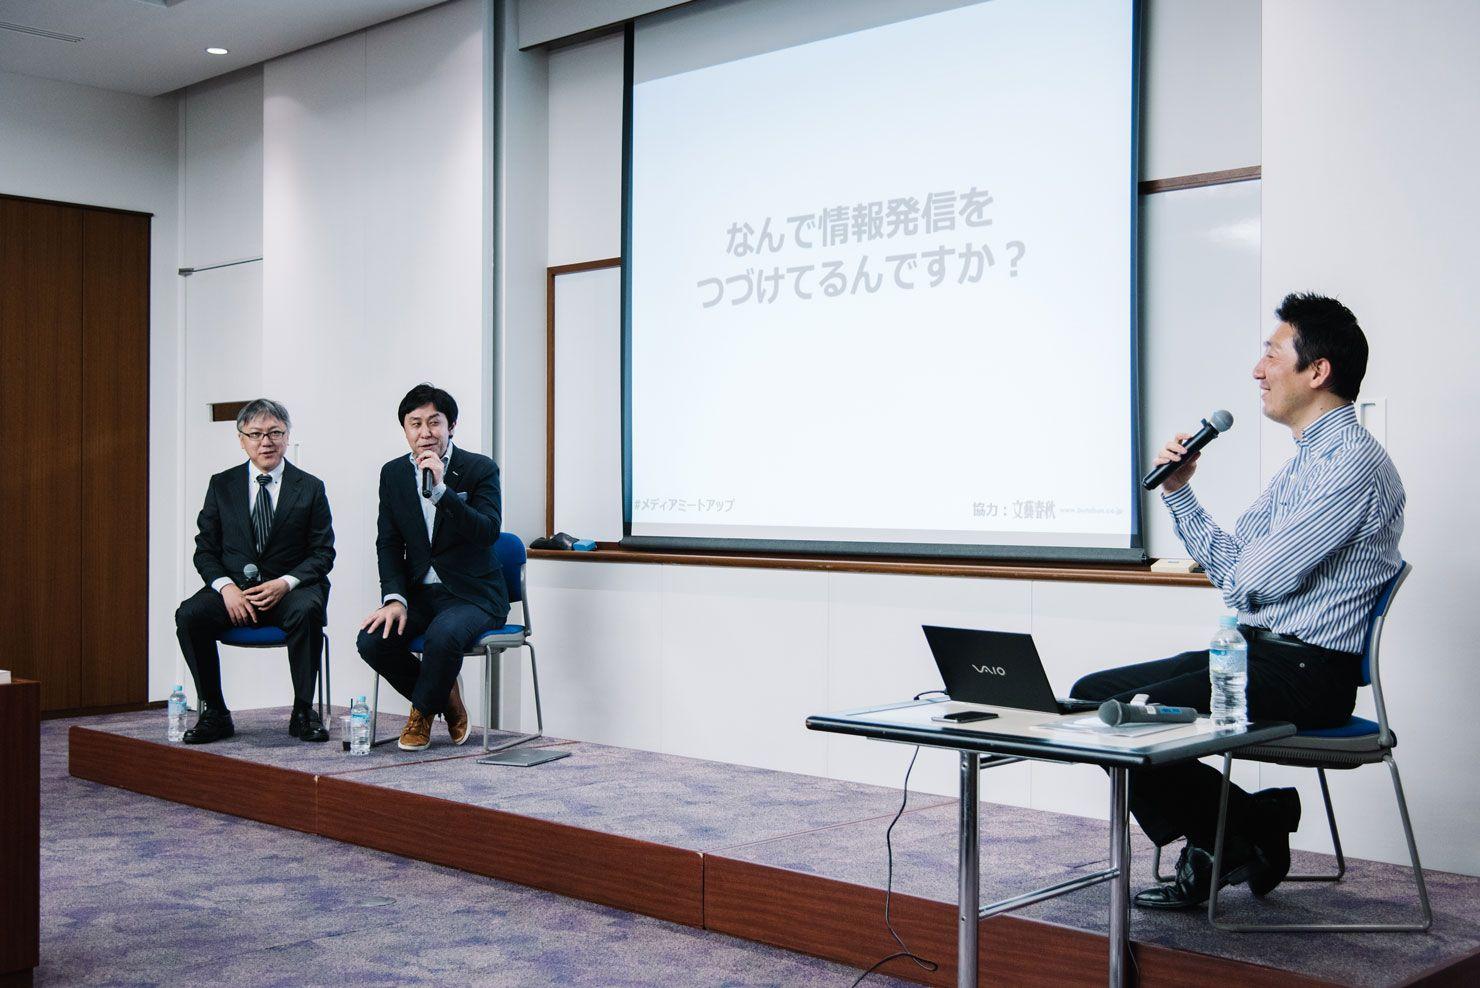 左から山本一郎さん 、井上理さん、徳力基彦さん